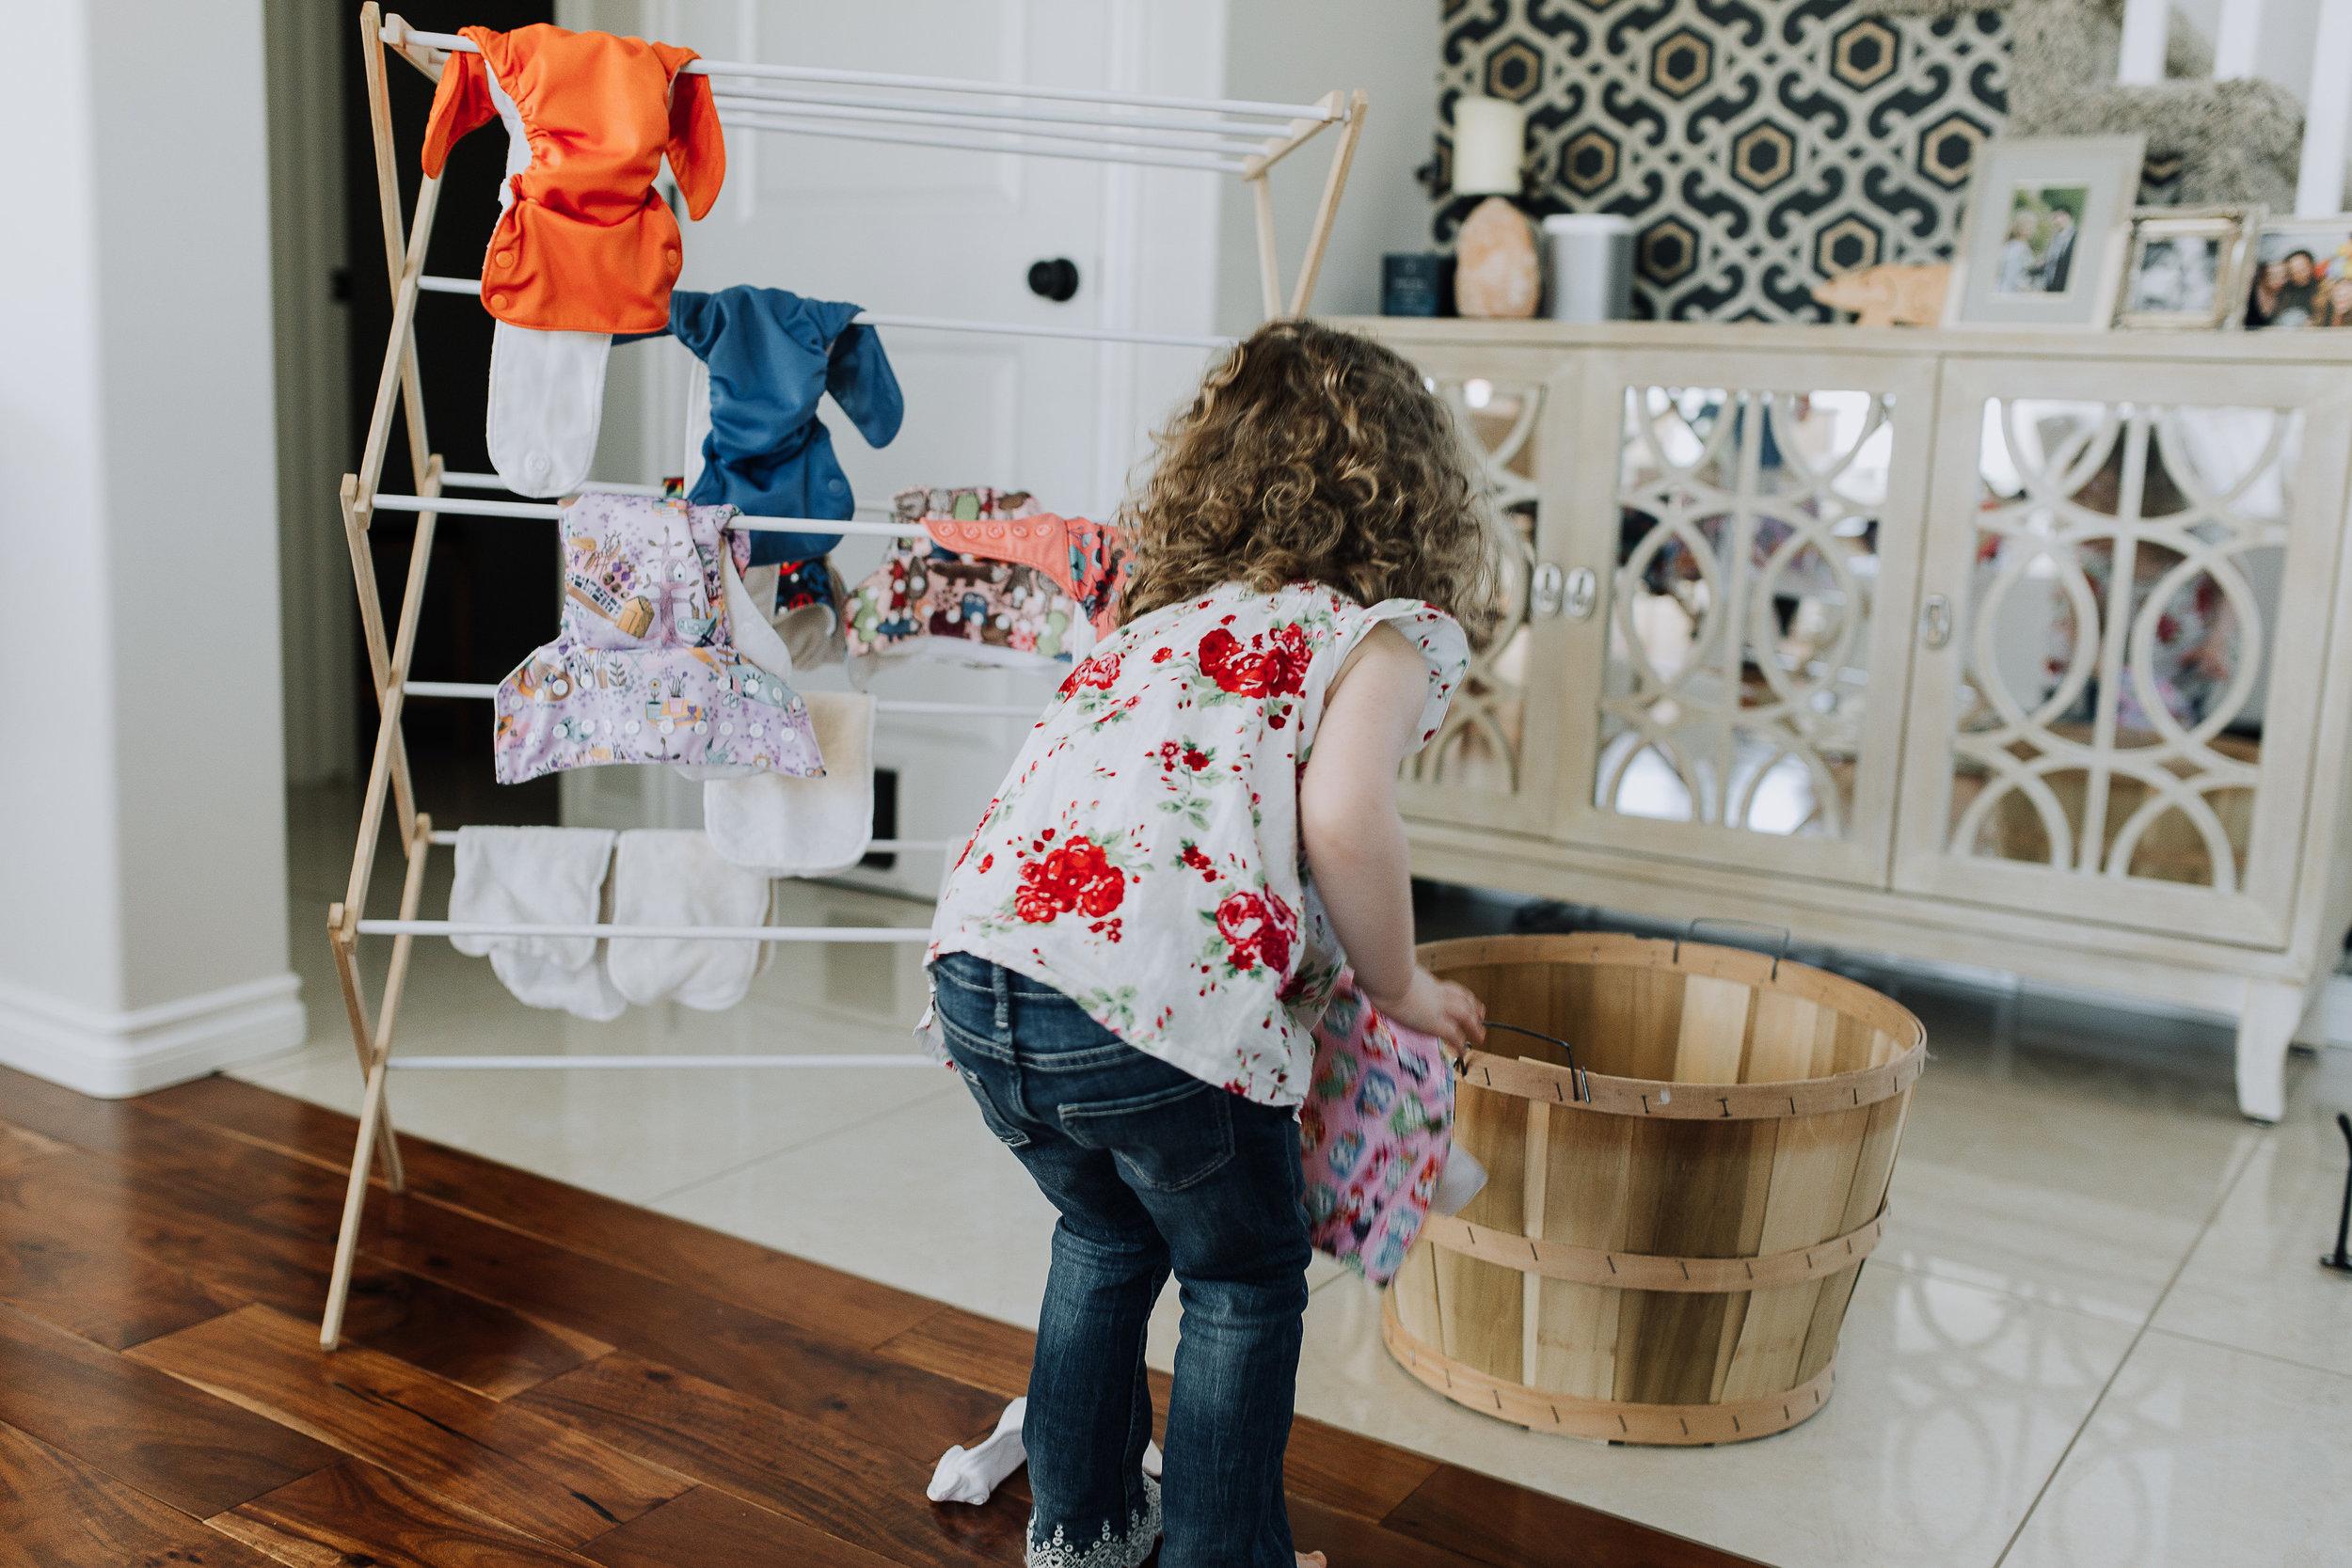 children and chores maygen kardash